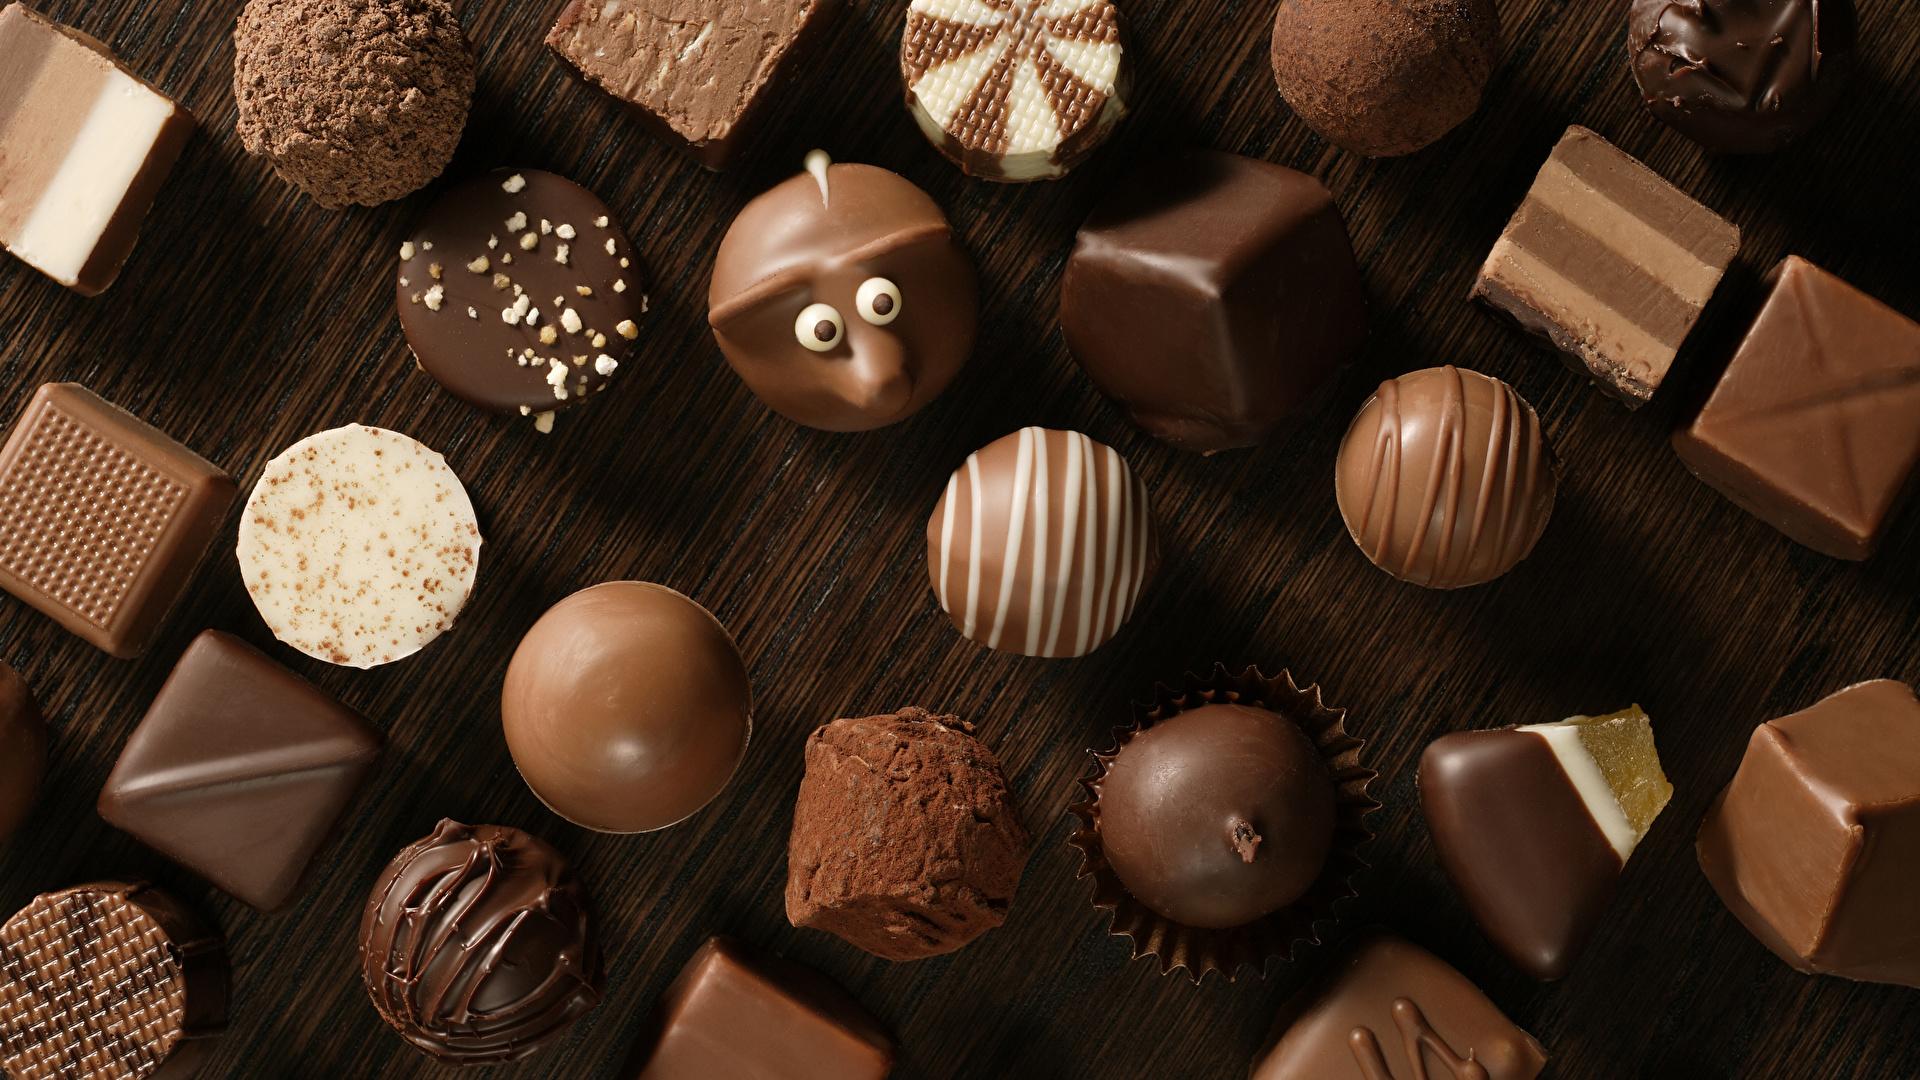 Картинка Шоколад Конфеты Пища Сладости 1920x1080 Еда Продукты питания